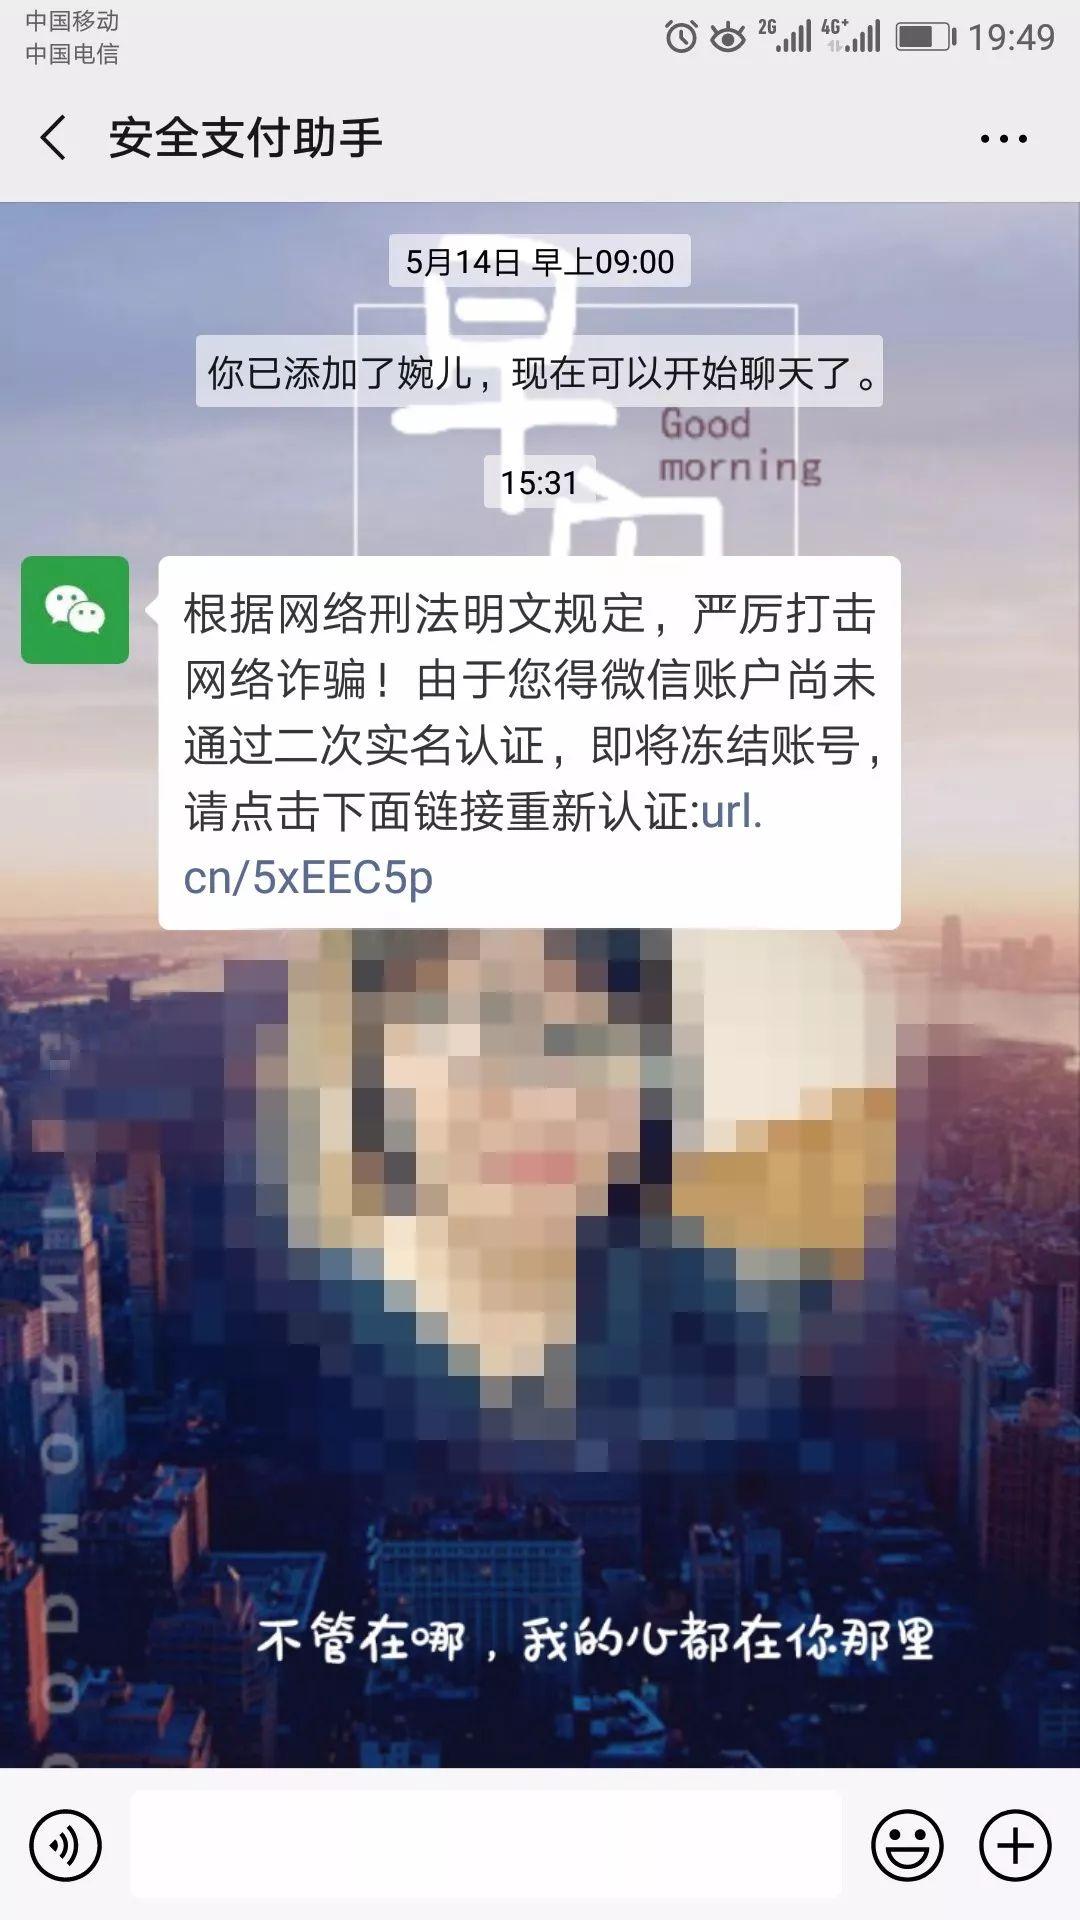 """【800扫描】当心了!微信上新""""套路"""",多人已中招!"""